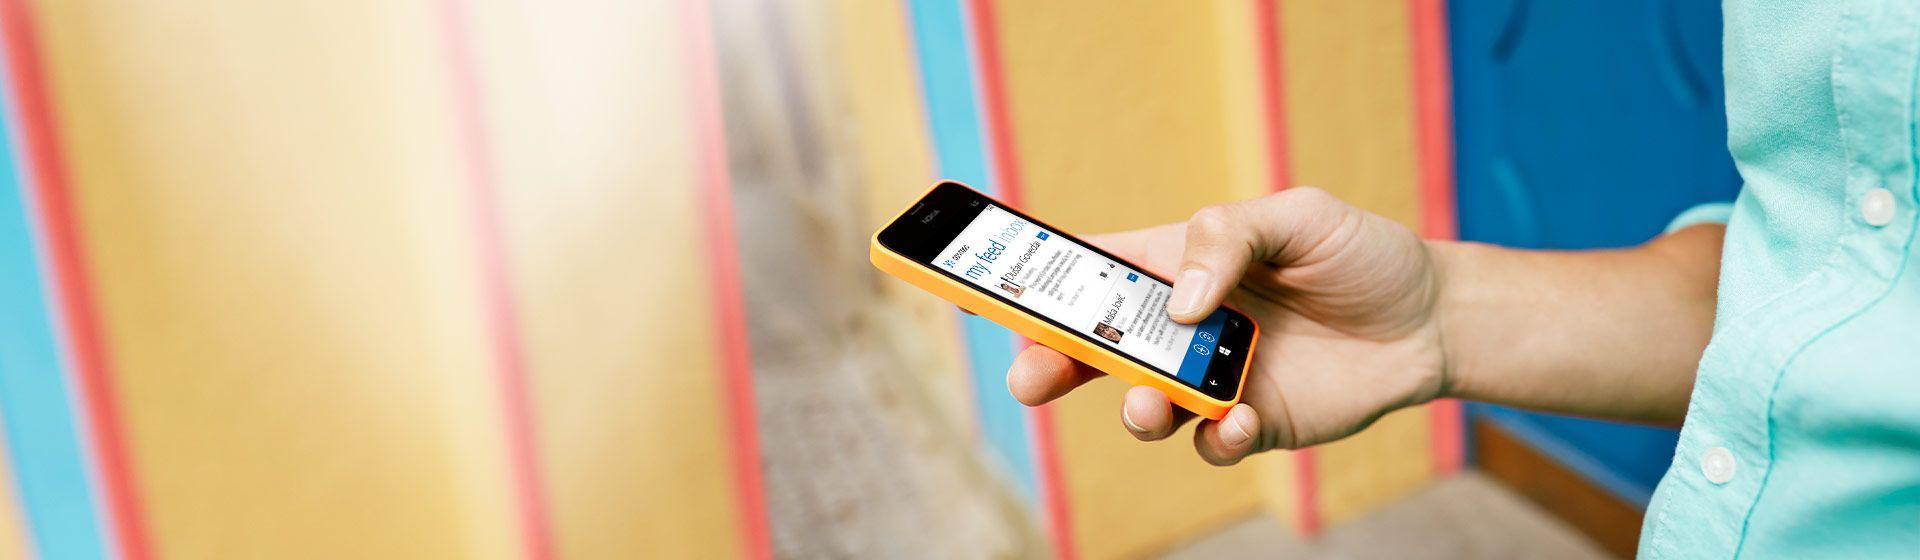 Ruka koja drži Windows telefon na kojem je prikazan feed u slici Yammer aplikacije za mobilne uređaje